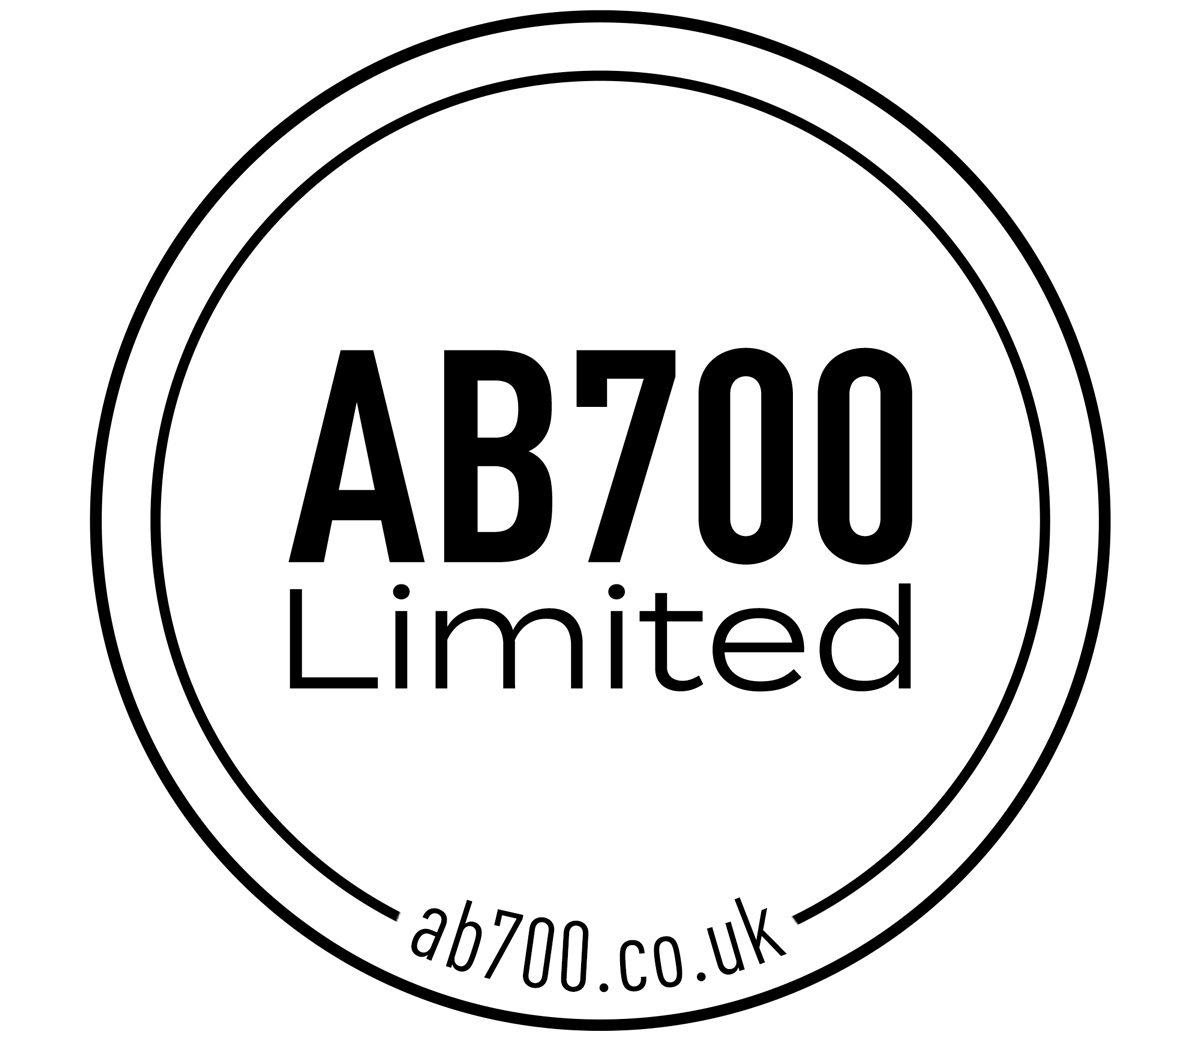 AB700 LTD